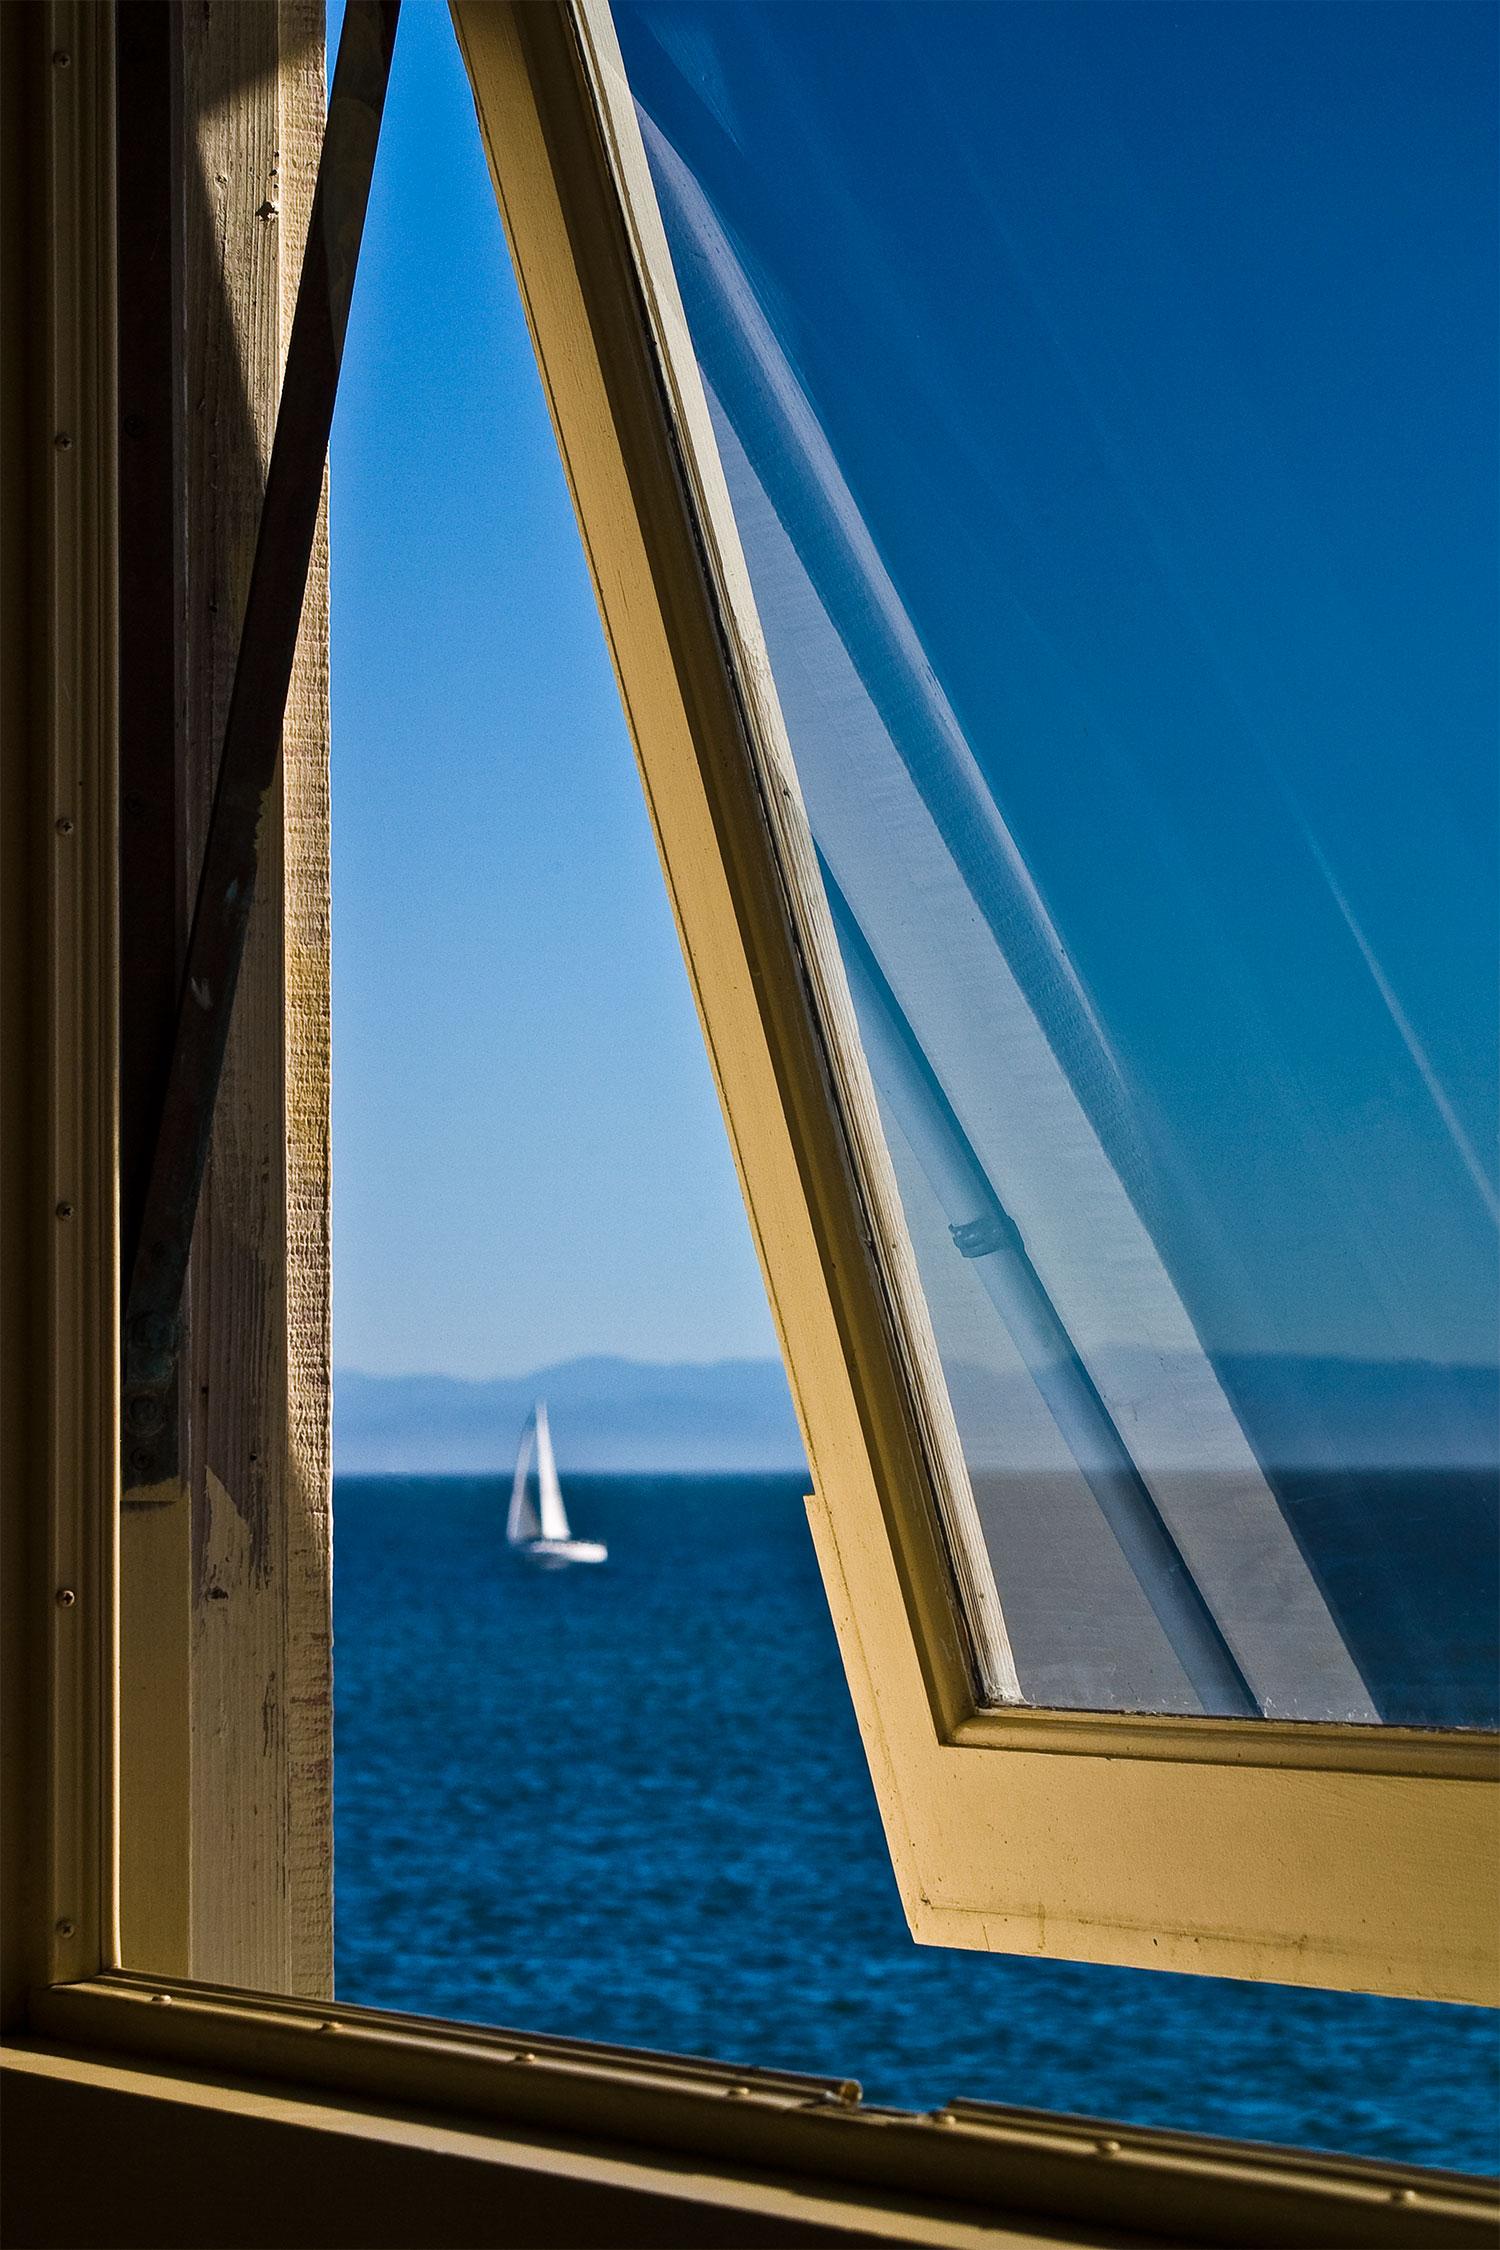 window_on_pier_1500.jpg